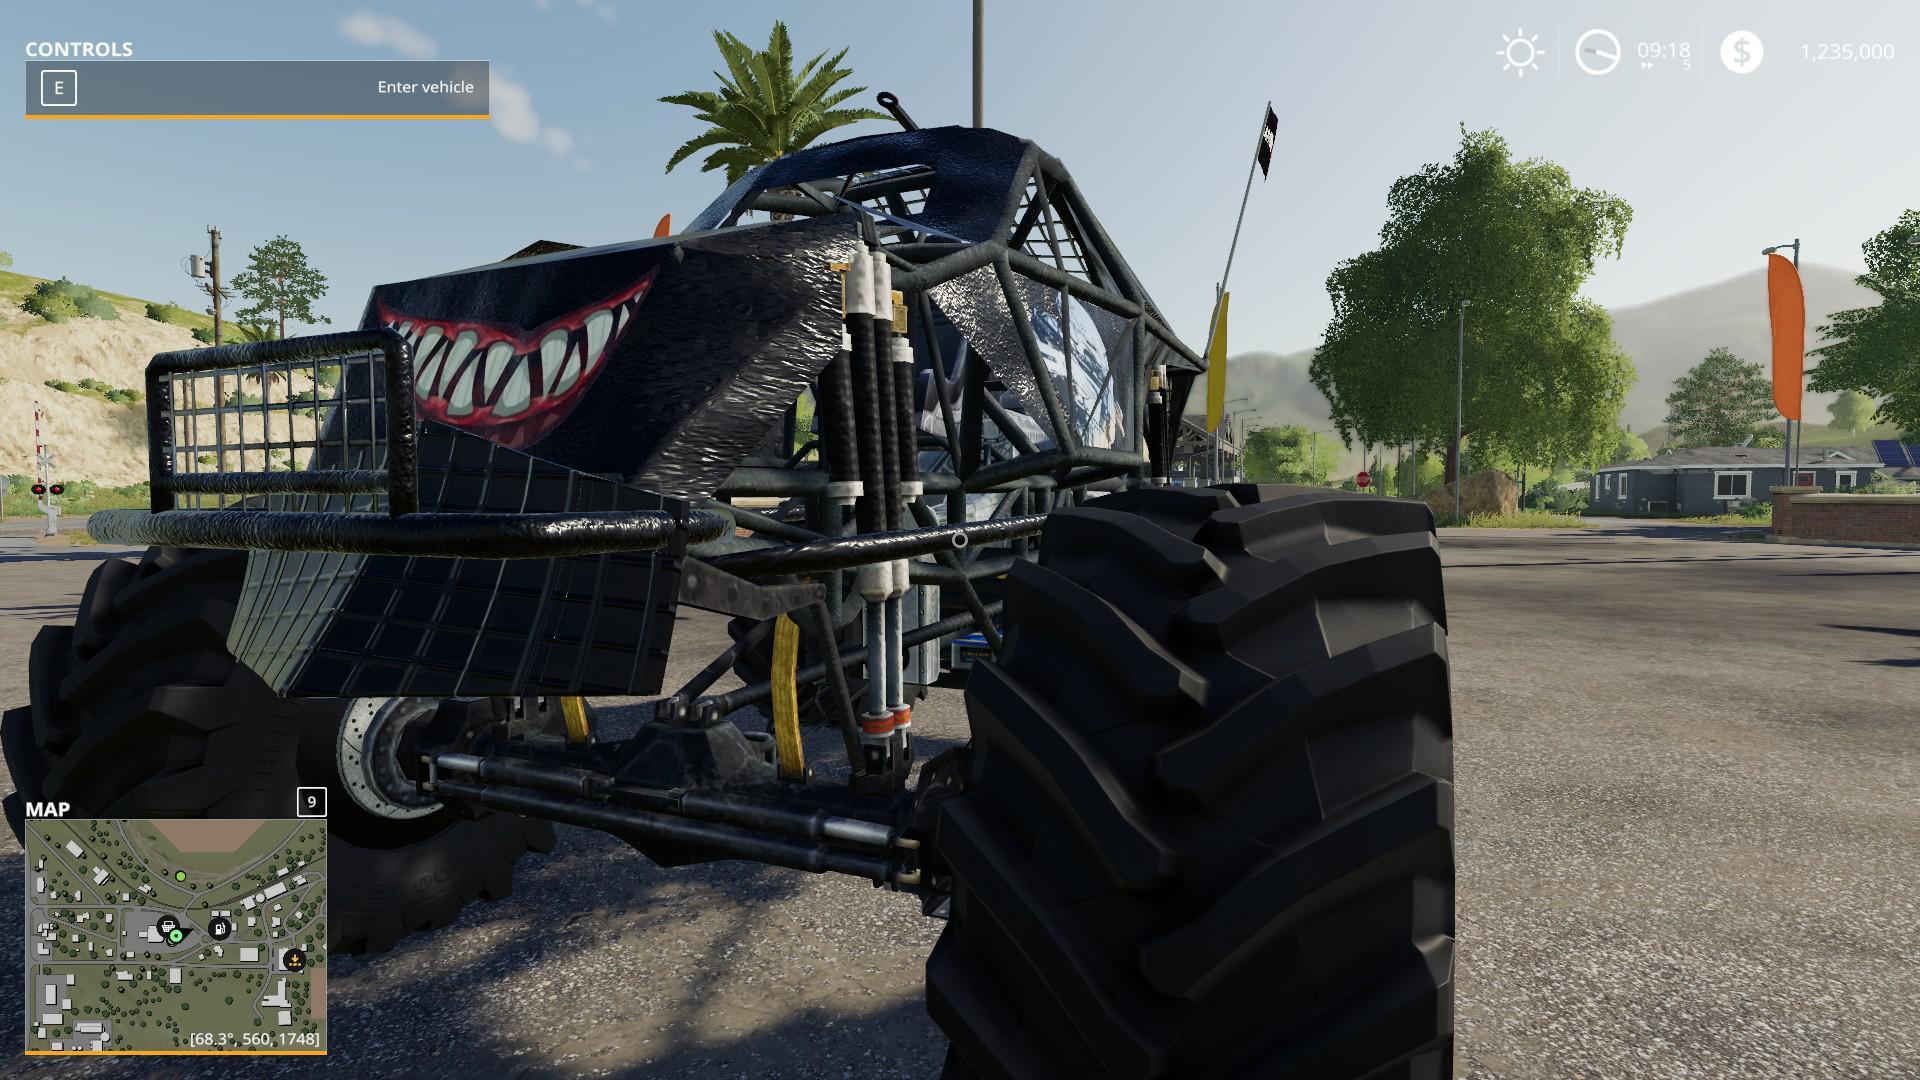 Slayer Monster truck v 1.0